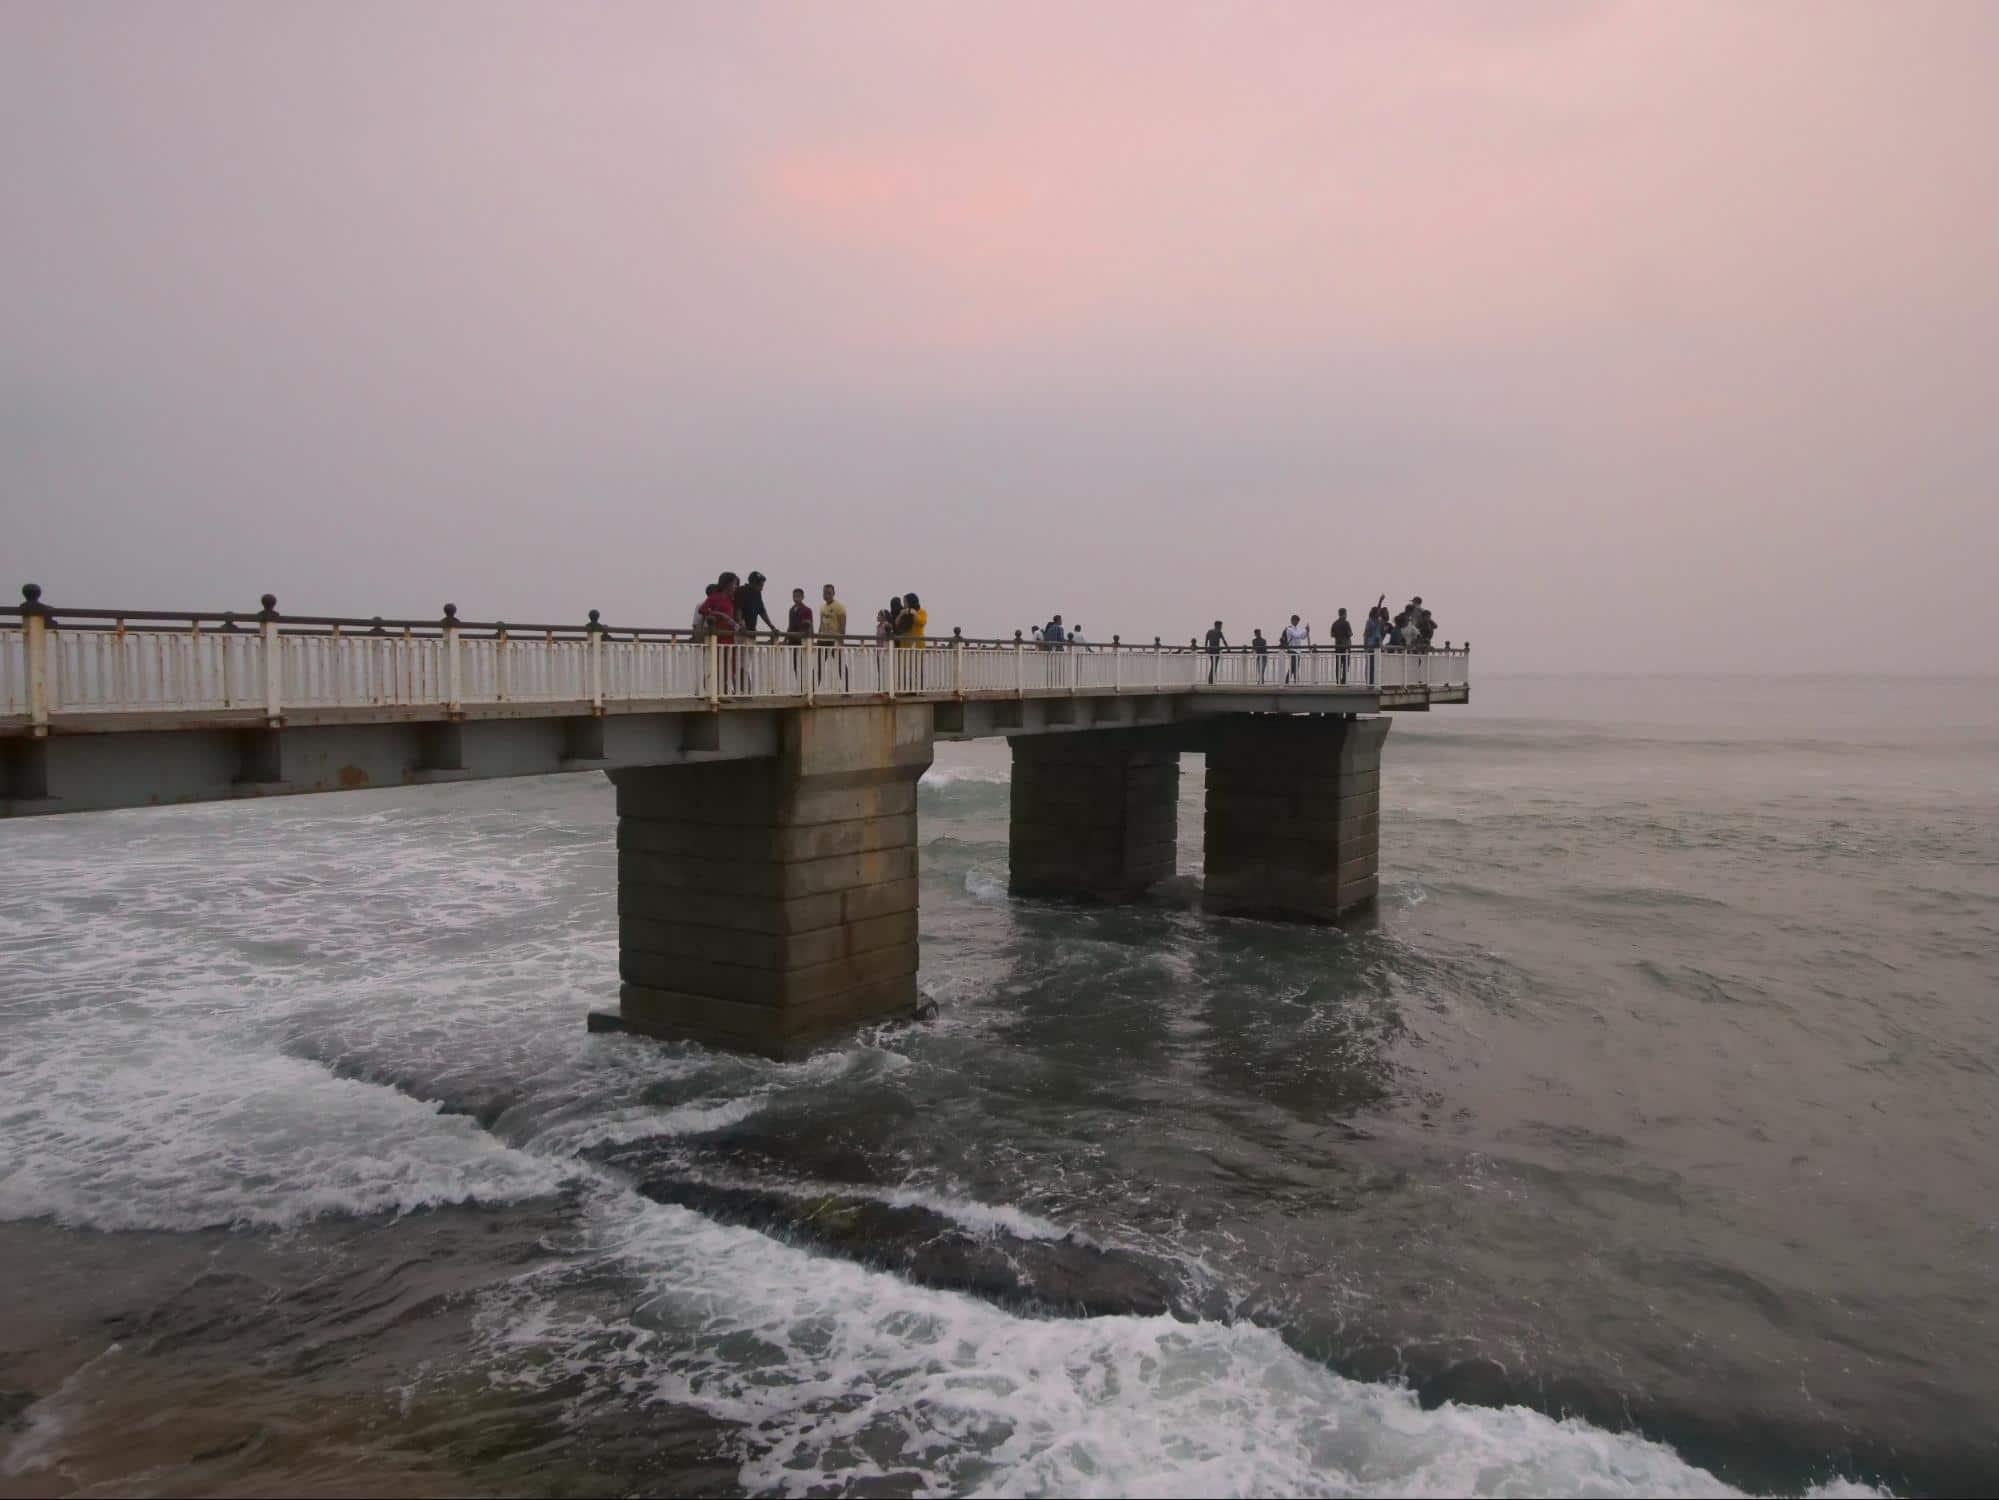 Galle Face Green bridge